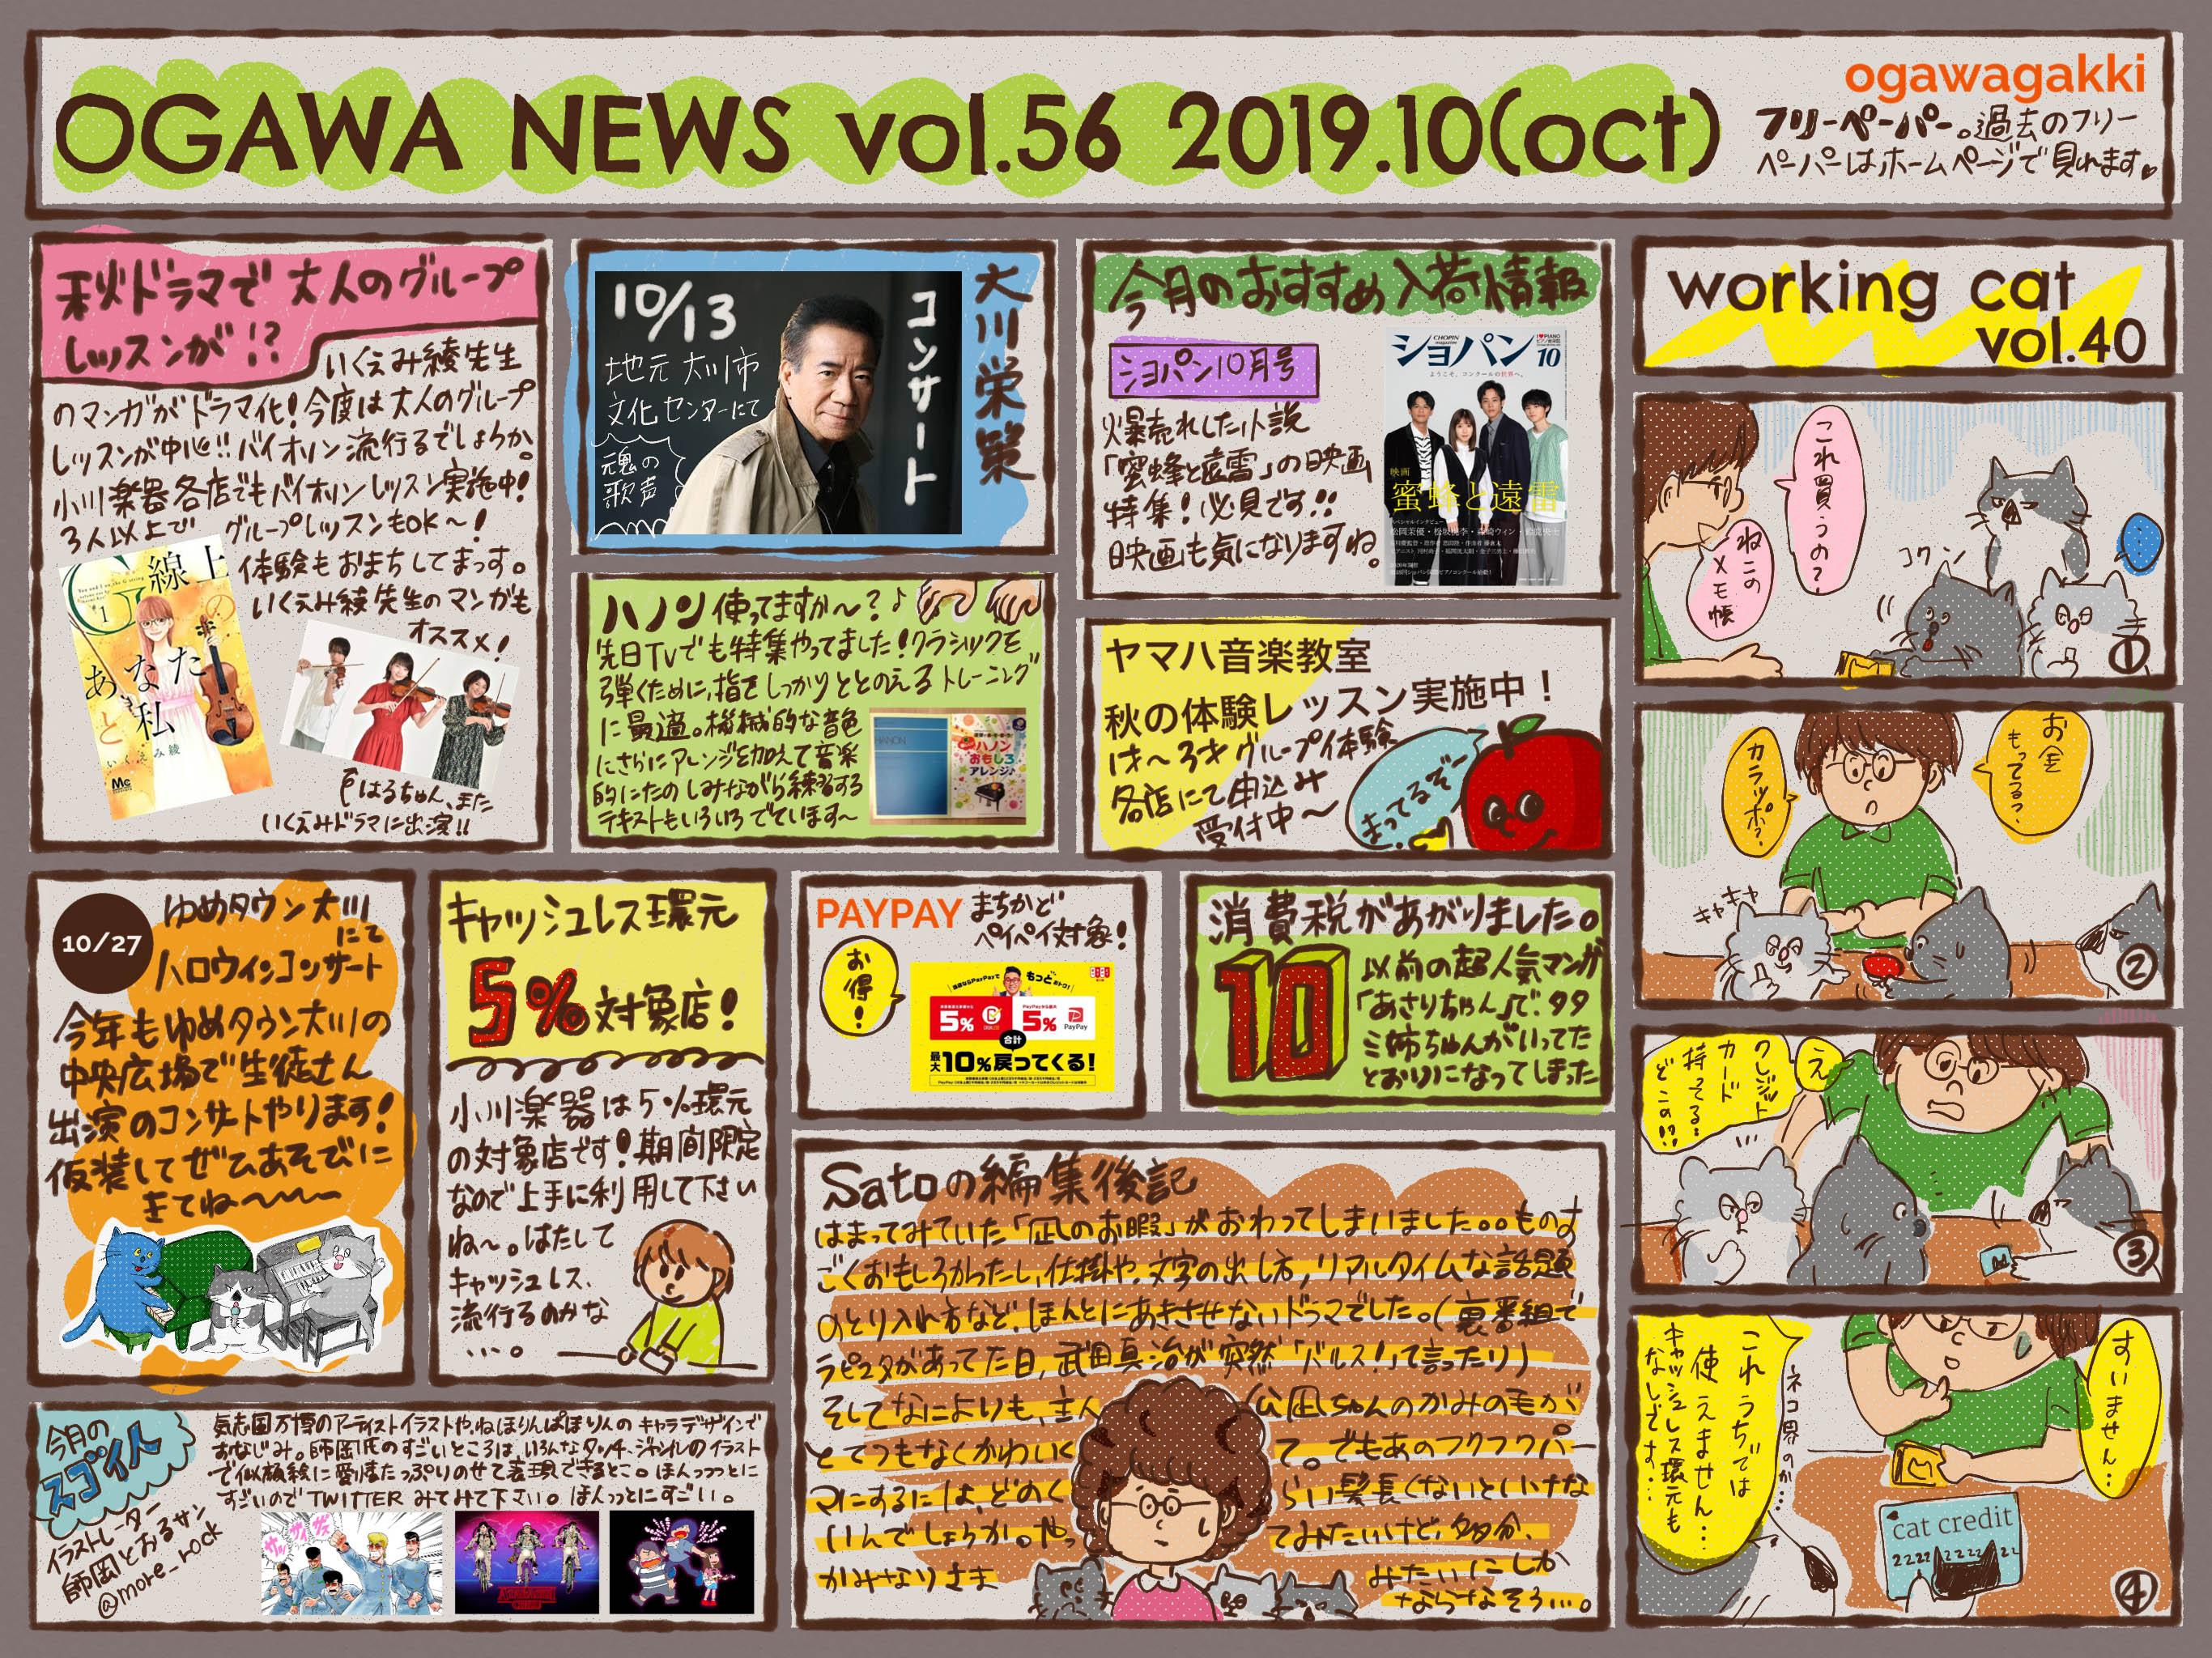 【柳川・佐賀店フリーペーパー】vol.56 2019年10月号